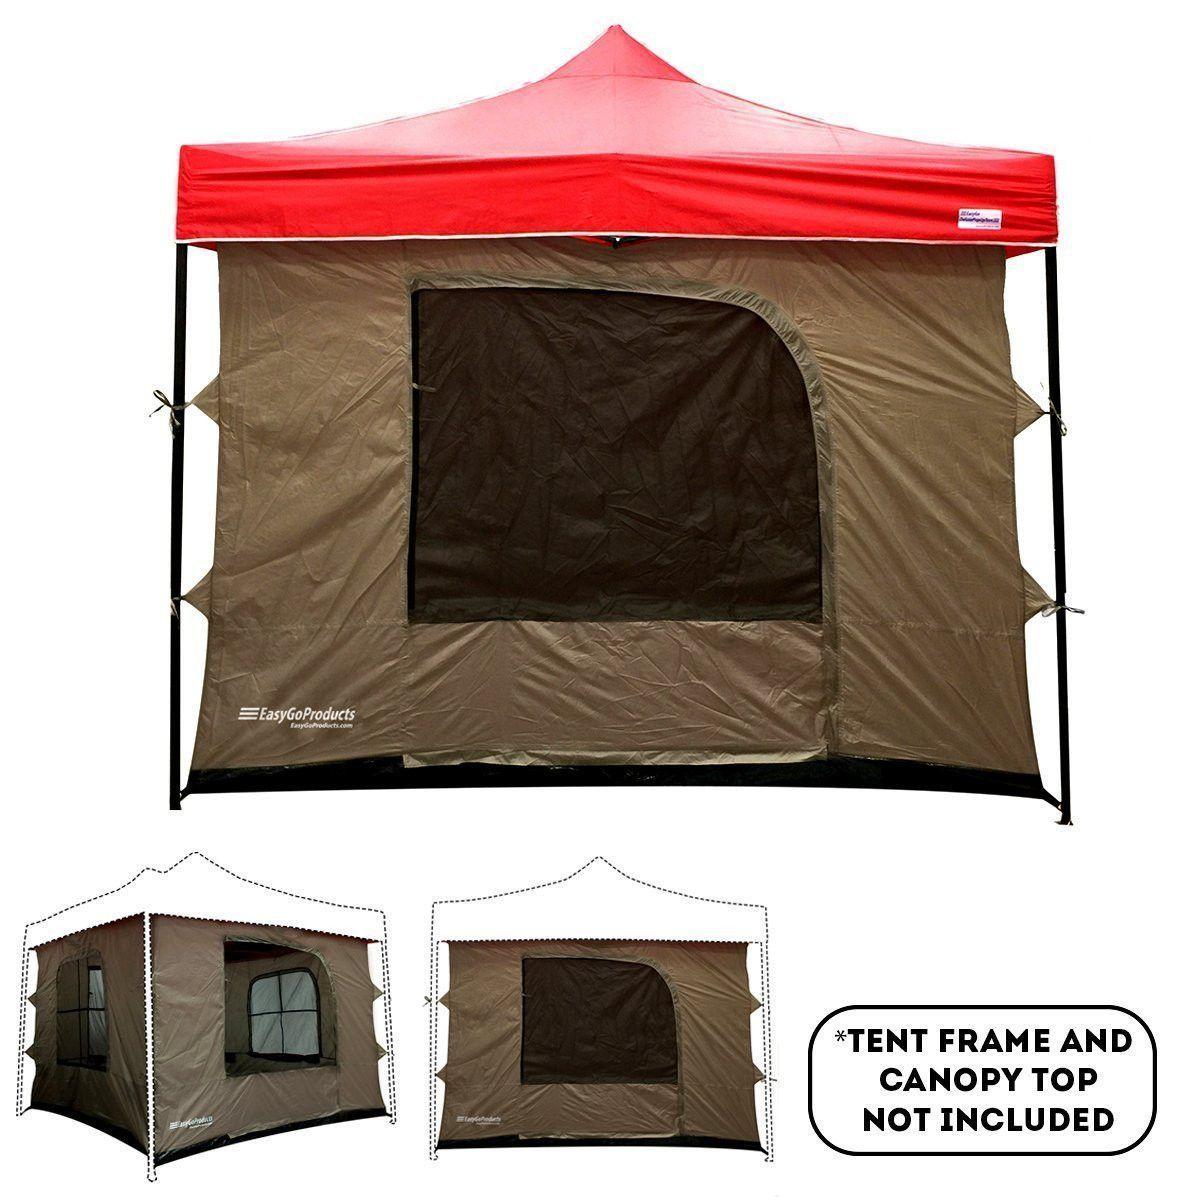 Inner Tent 4 Walls Mesh Ceiling PVC Floor Two Doors and Four Windows  sc 1 st  Pinterest & Inner Tent 4 Walls Mesh Ceiling PVC Floor Two Doors and Four ...